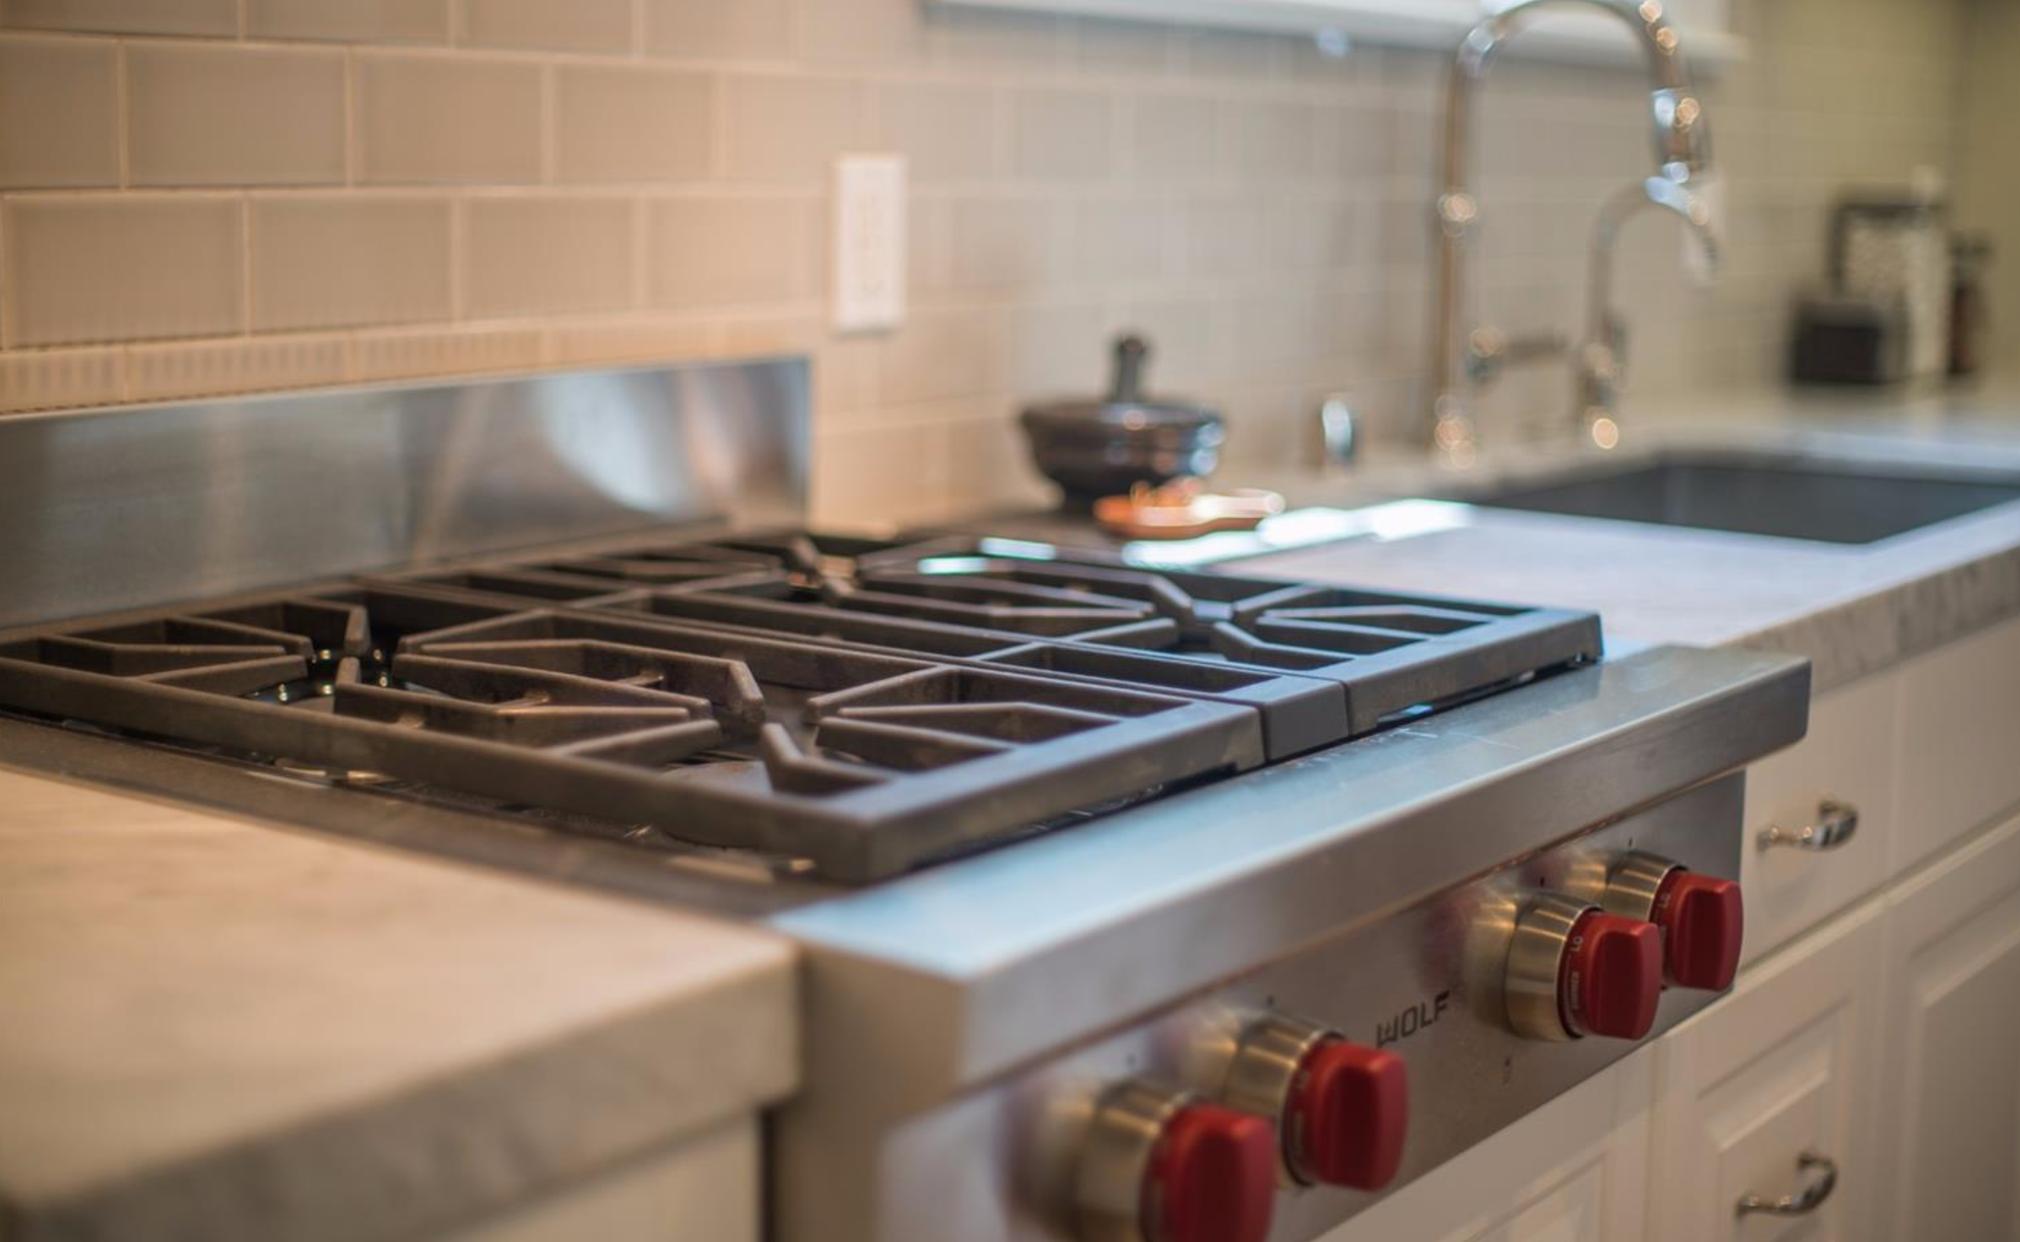 2756 Baker Street - Hi End Appliances